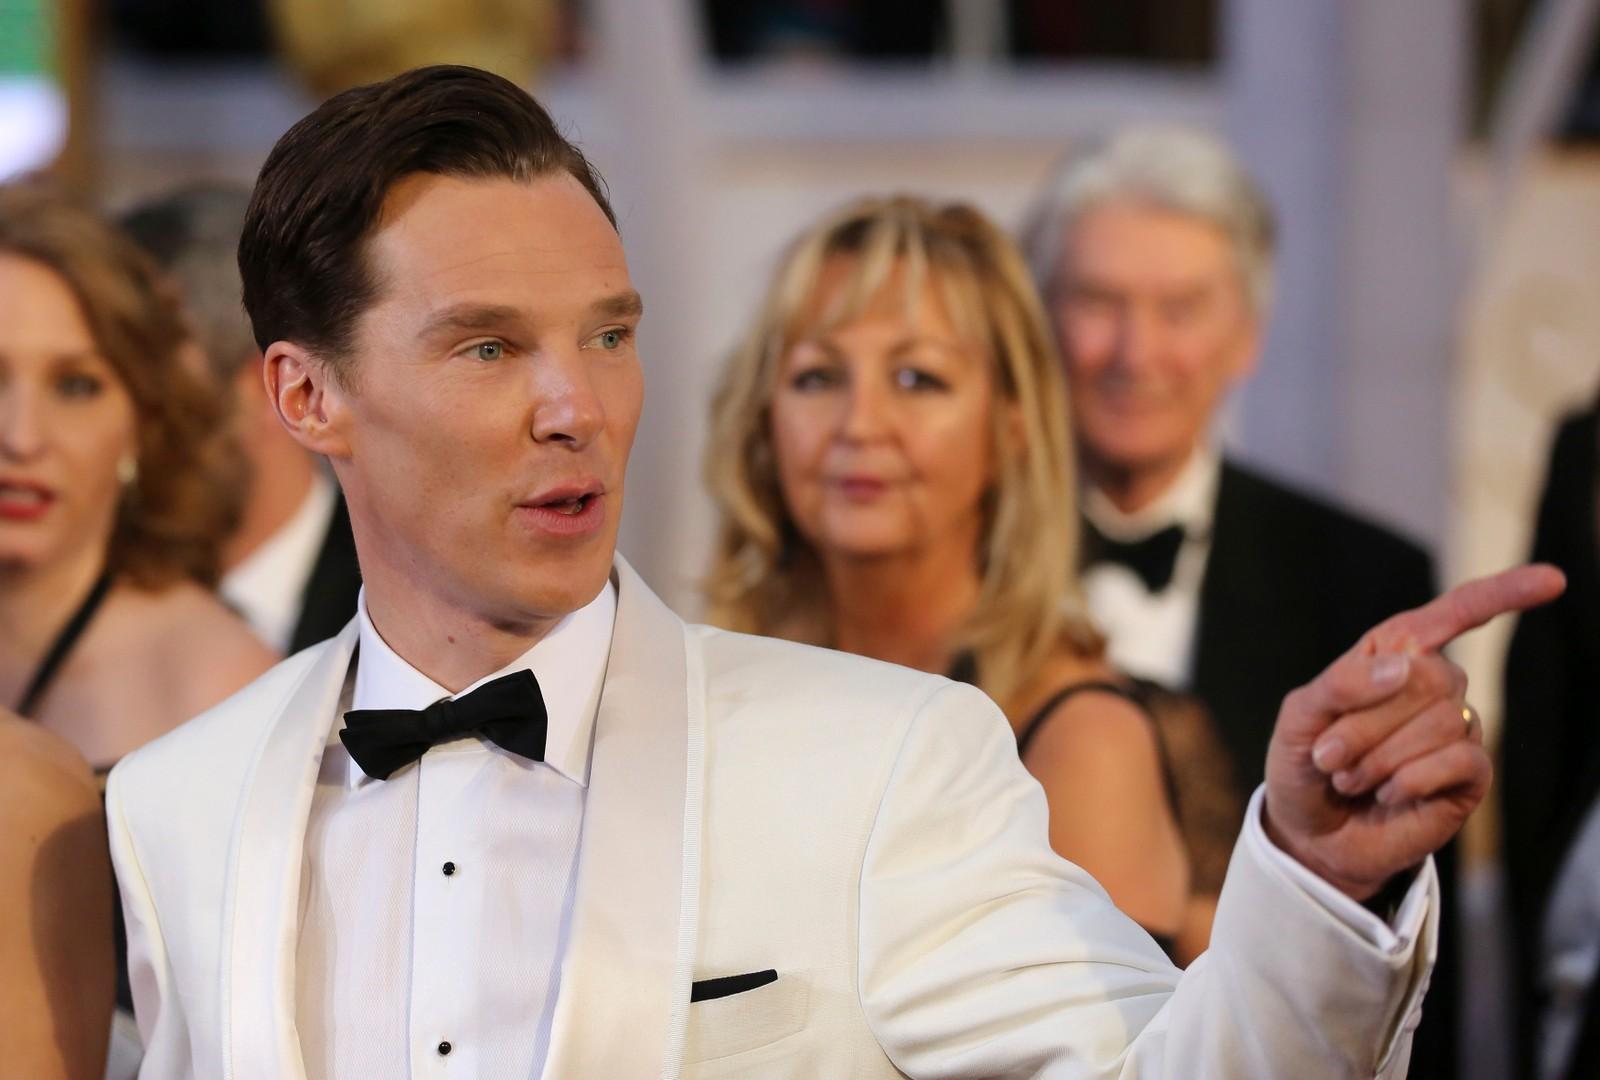 NUMMER FIRE: Med hvit smokingjakke er han midt i trendbildet, mener NRKs ekspert om Benedict Cumberbatch.